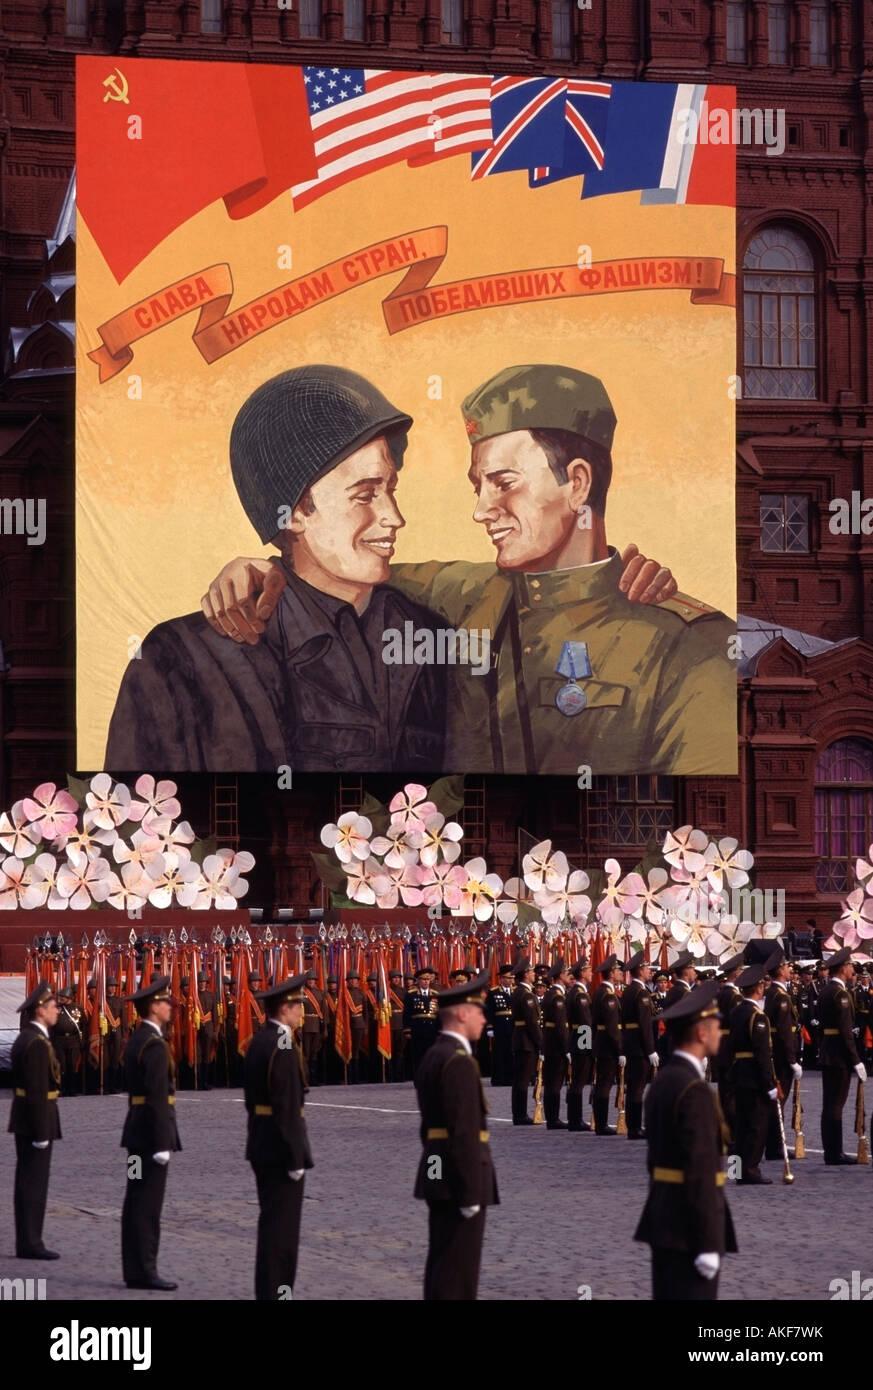 Russische Soldaten auf dem Roten Platz unter einem Plakat feiert das Ende des zweiten Weltkriegs, Moskau, Russland Stockbild